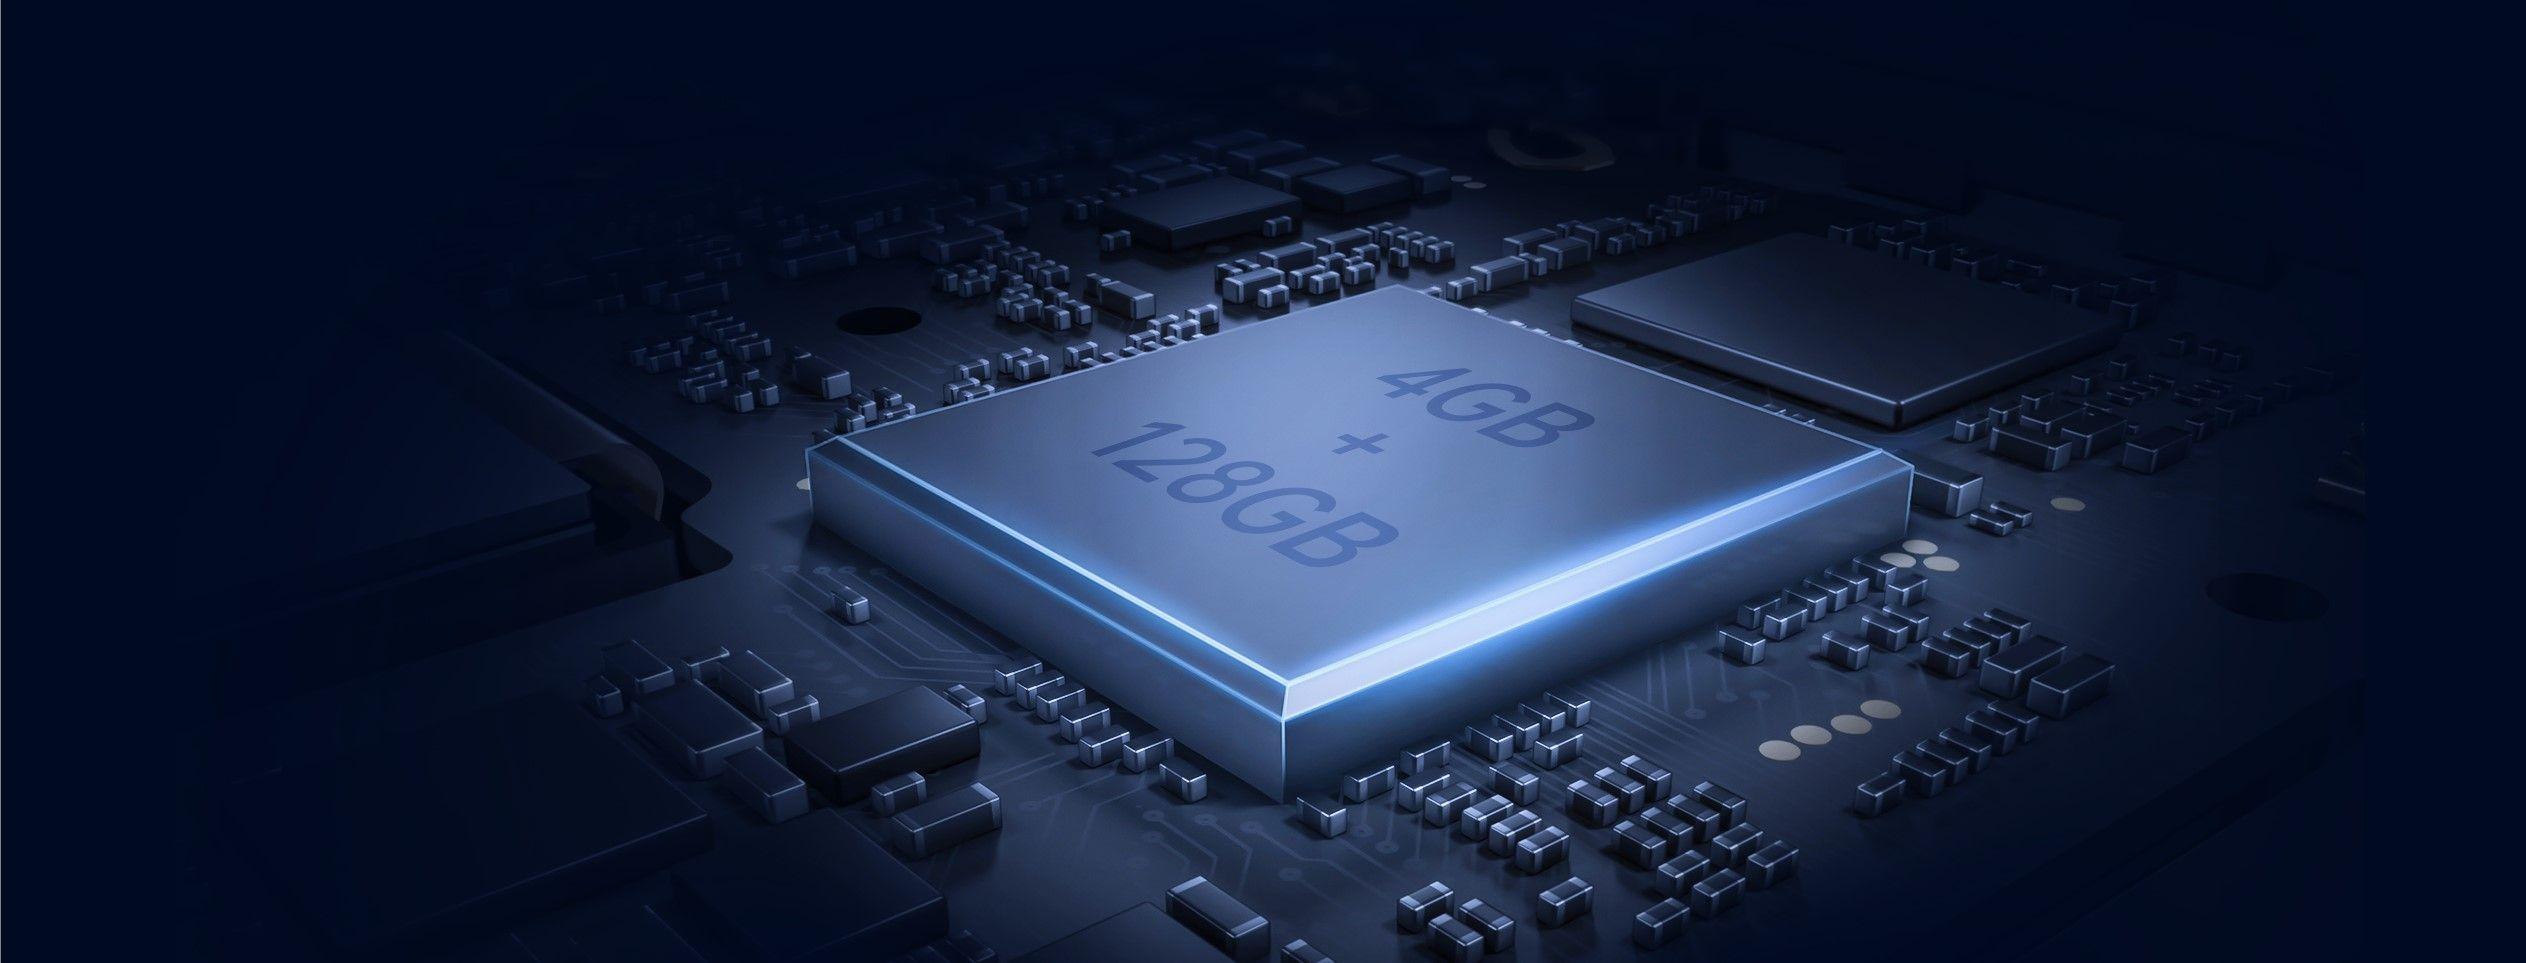 OPPO A9 4GB RAM 128GB Storage